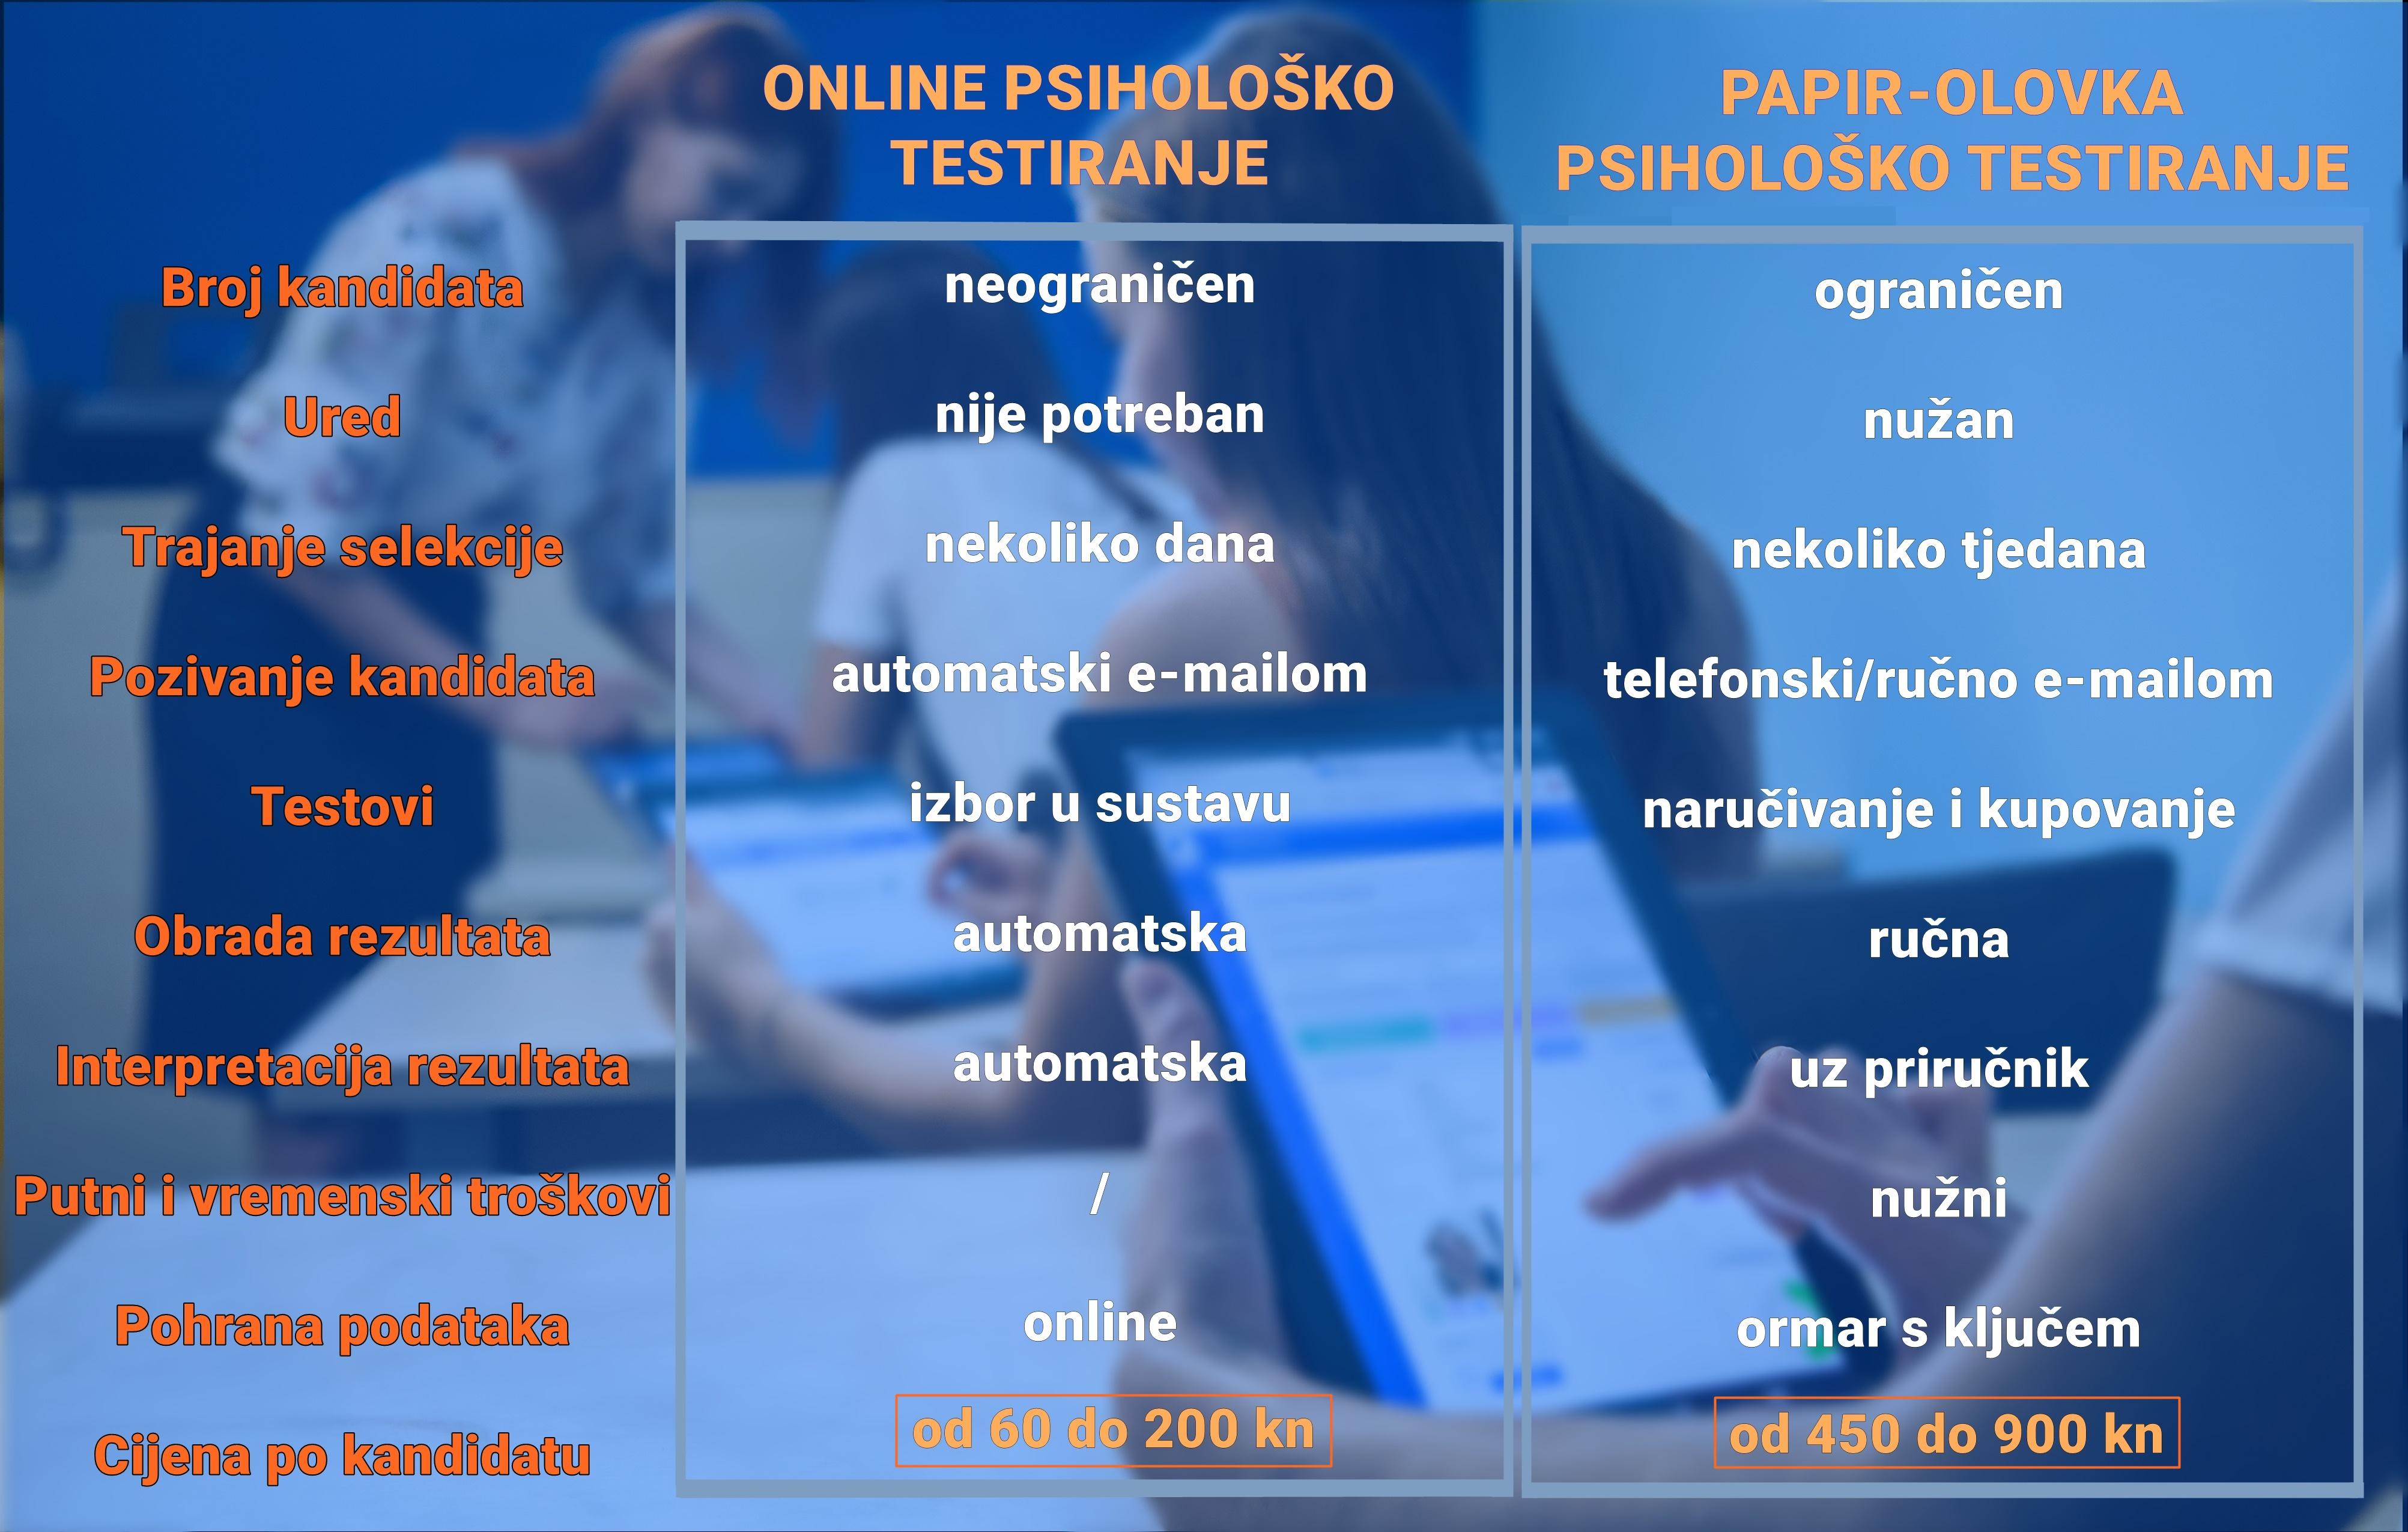 Online testiranje ili testiranje papir-olovka